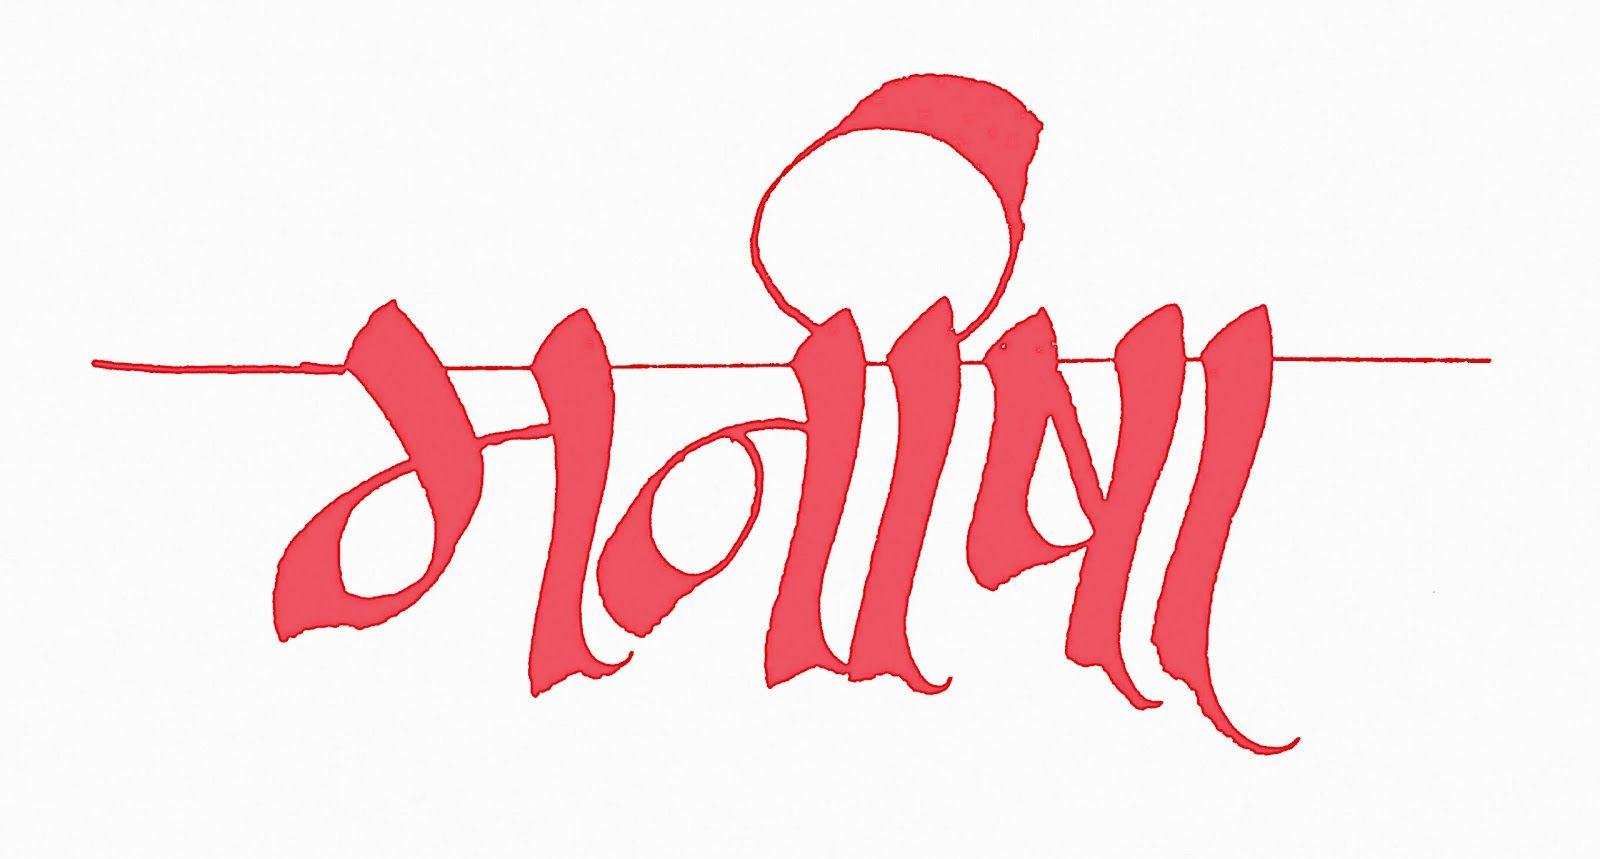 Rizwan Logo   Name Logo Generator - I Love, Love Heart ...  Rizwan Logo   N...